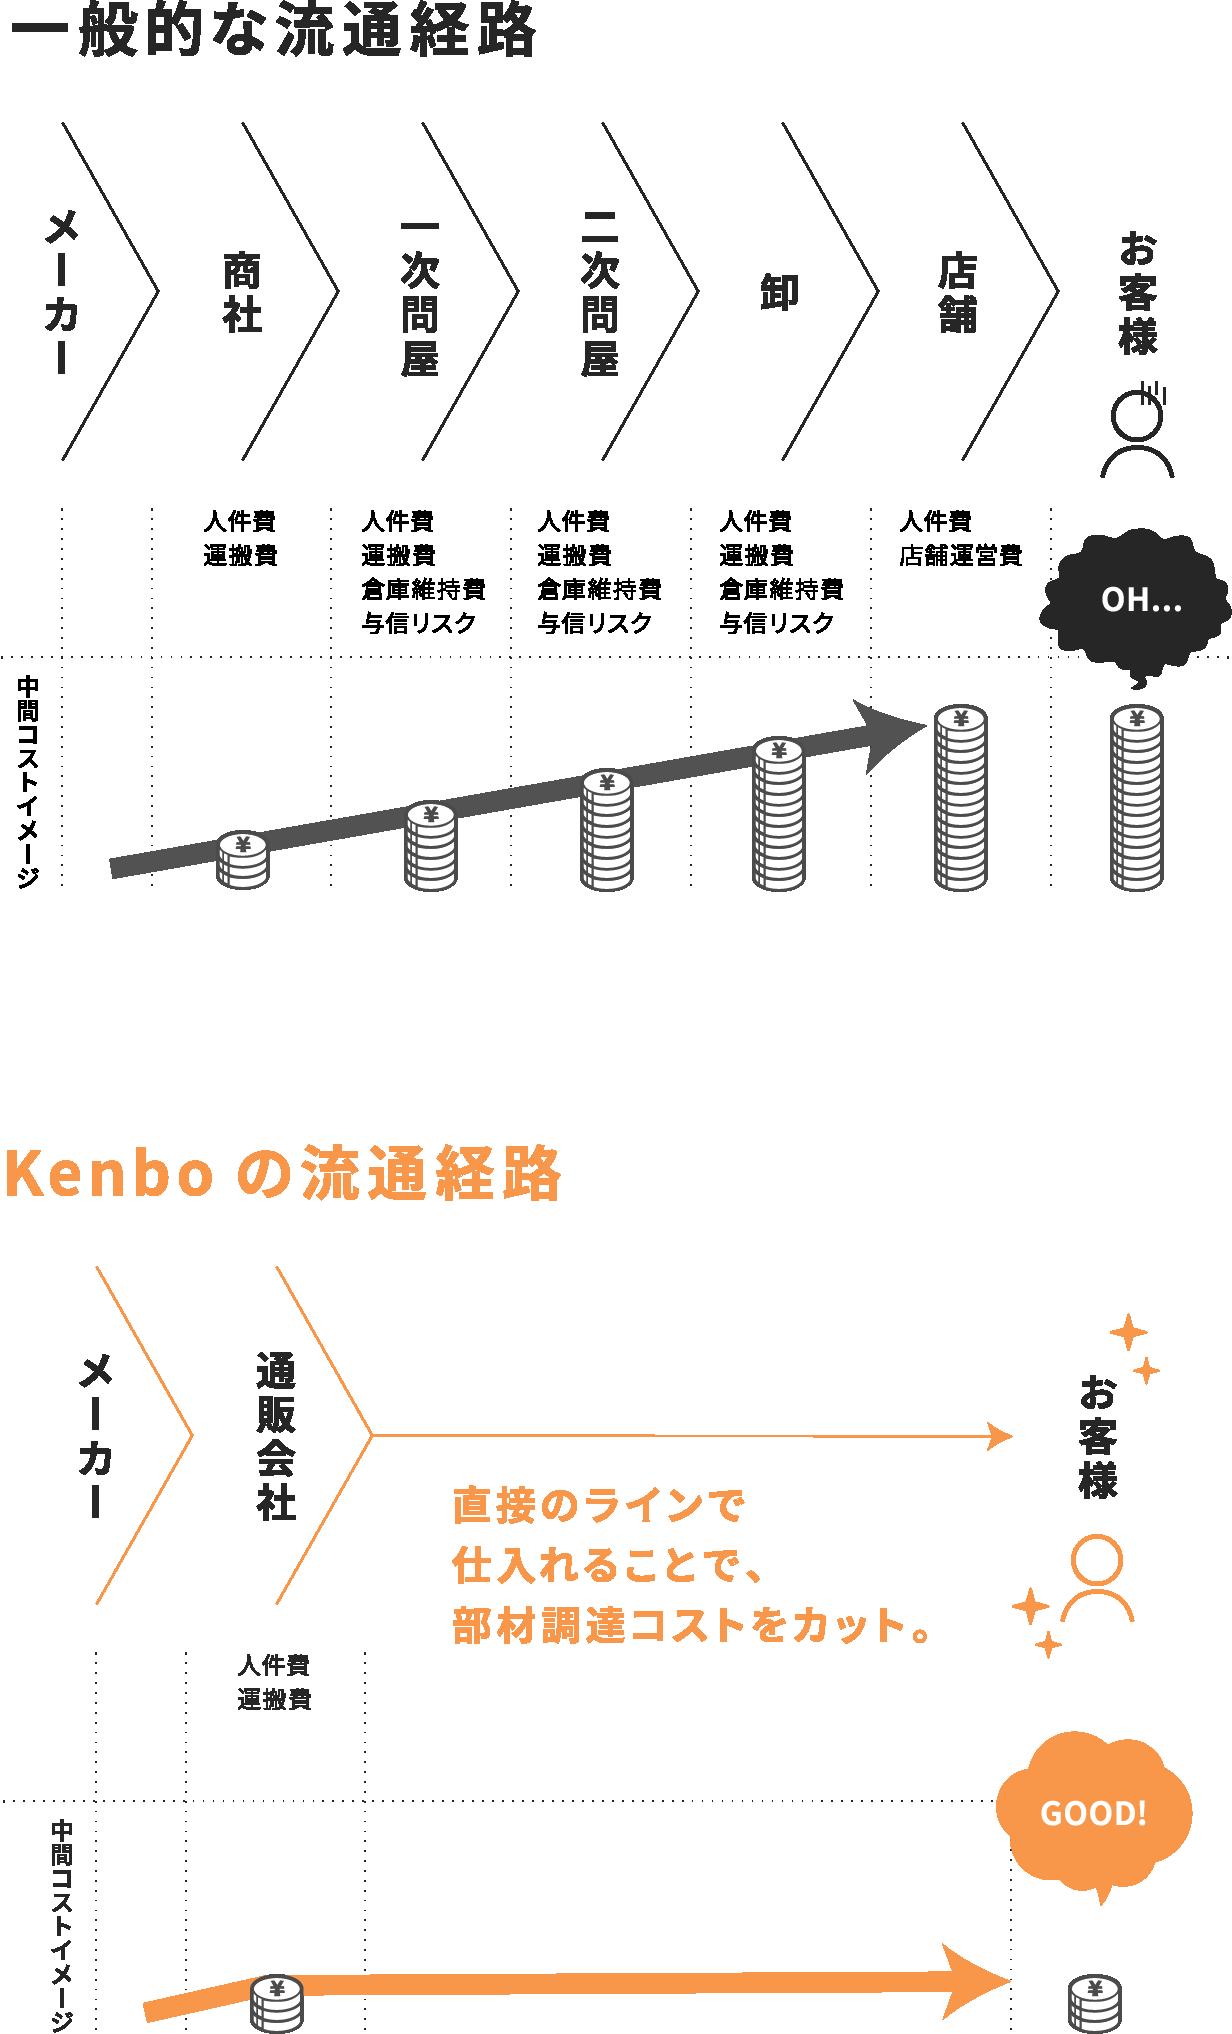 一般的なハウスメーカーに比べ50万円削減